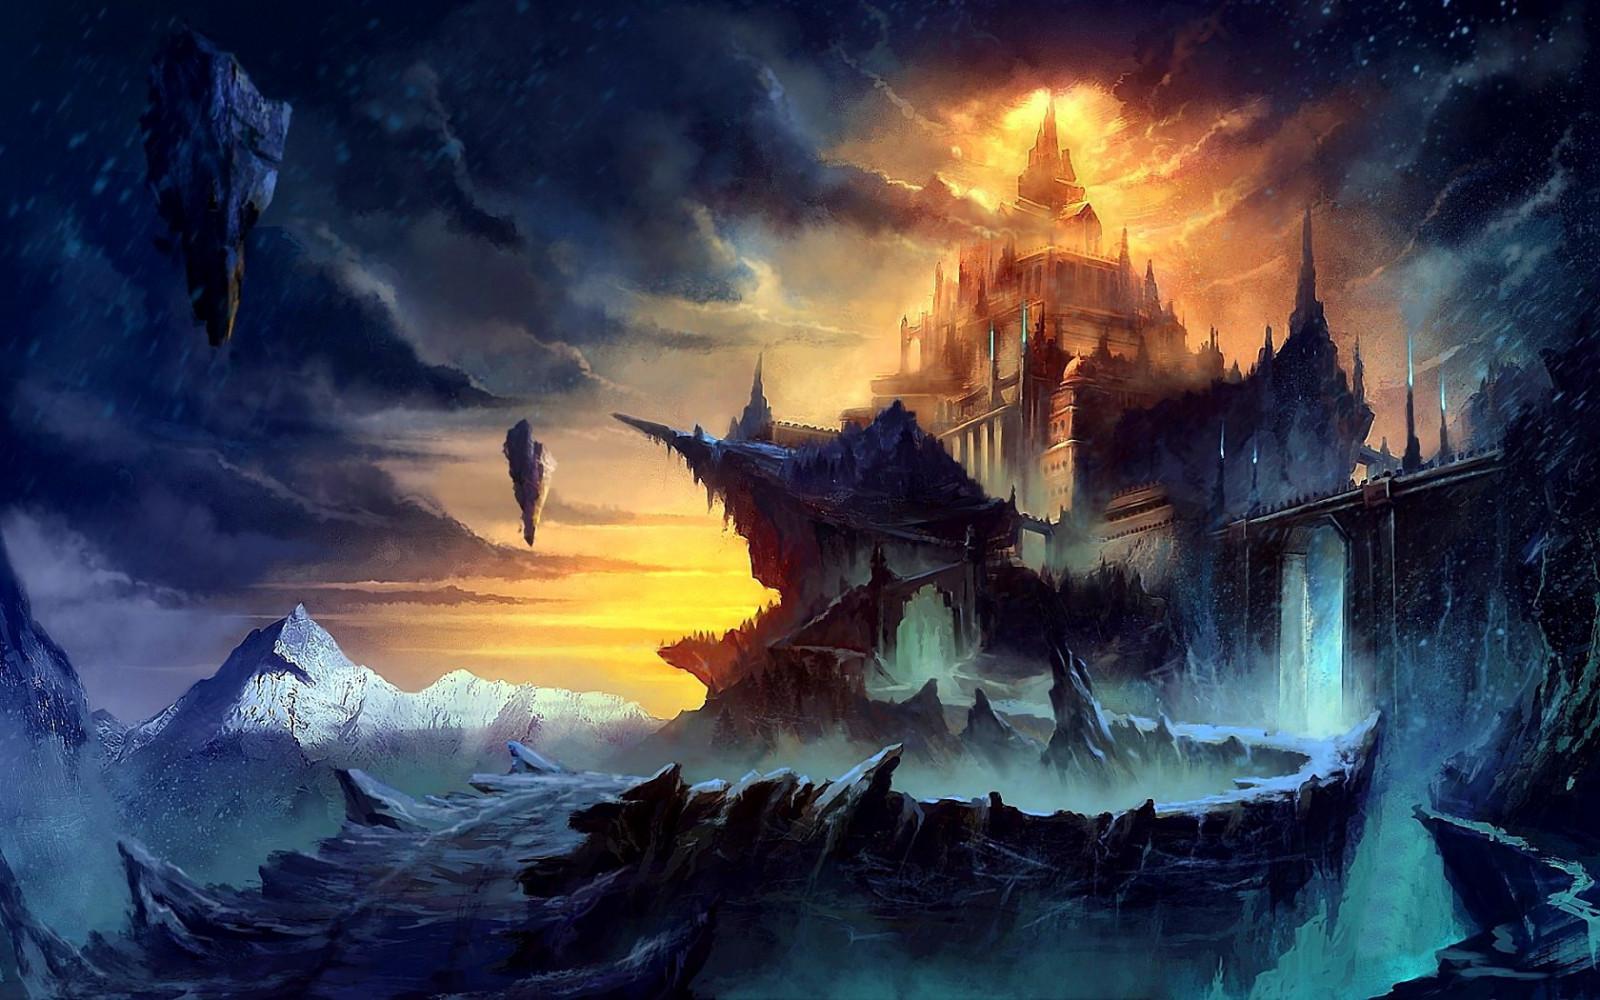 Fantasy Wallpaper 07 - [1680x1050]